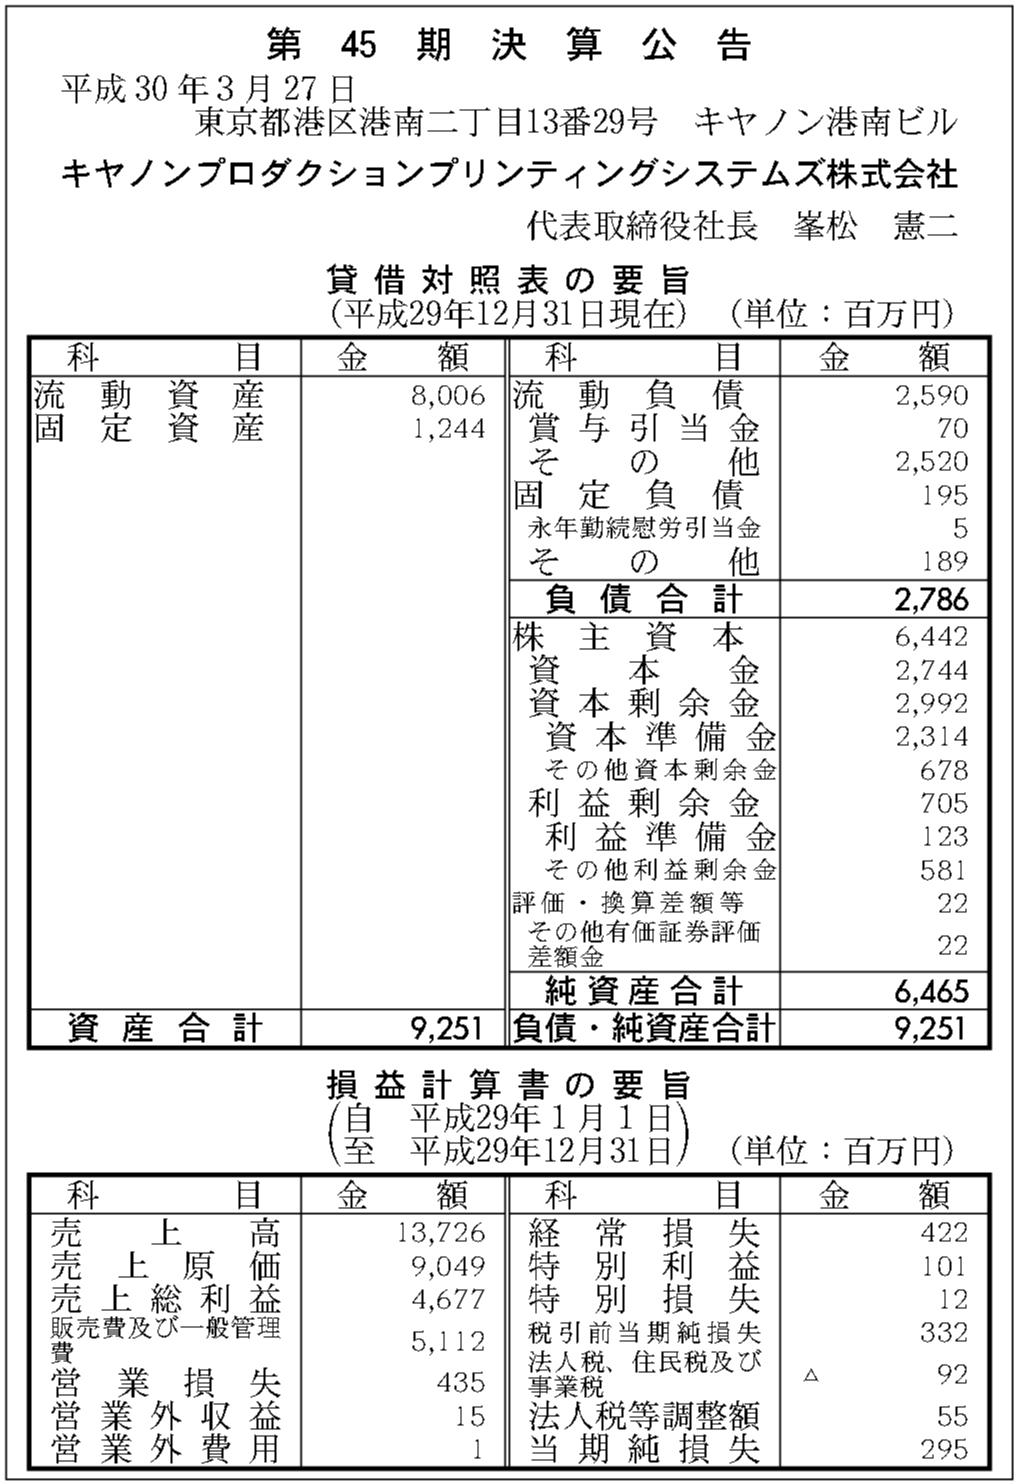 キヤノン プロダクション プリンティング システムズ